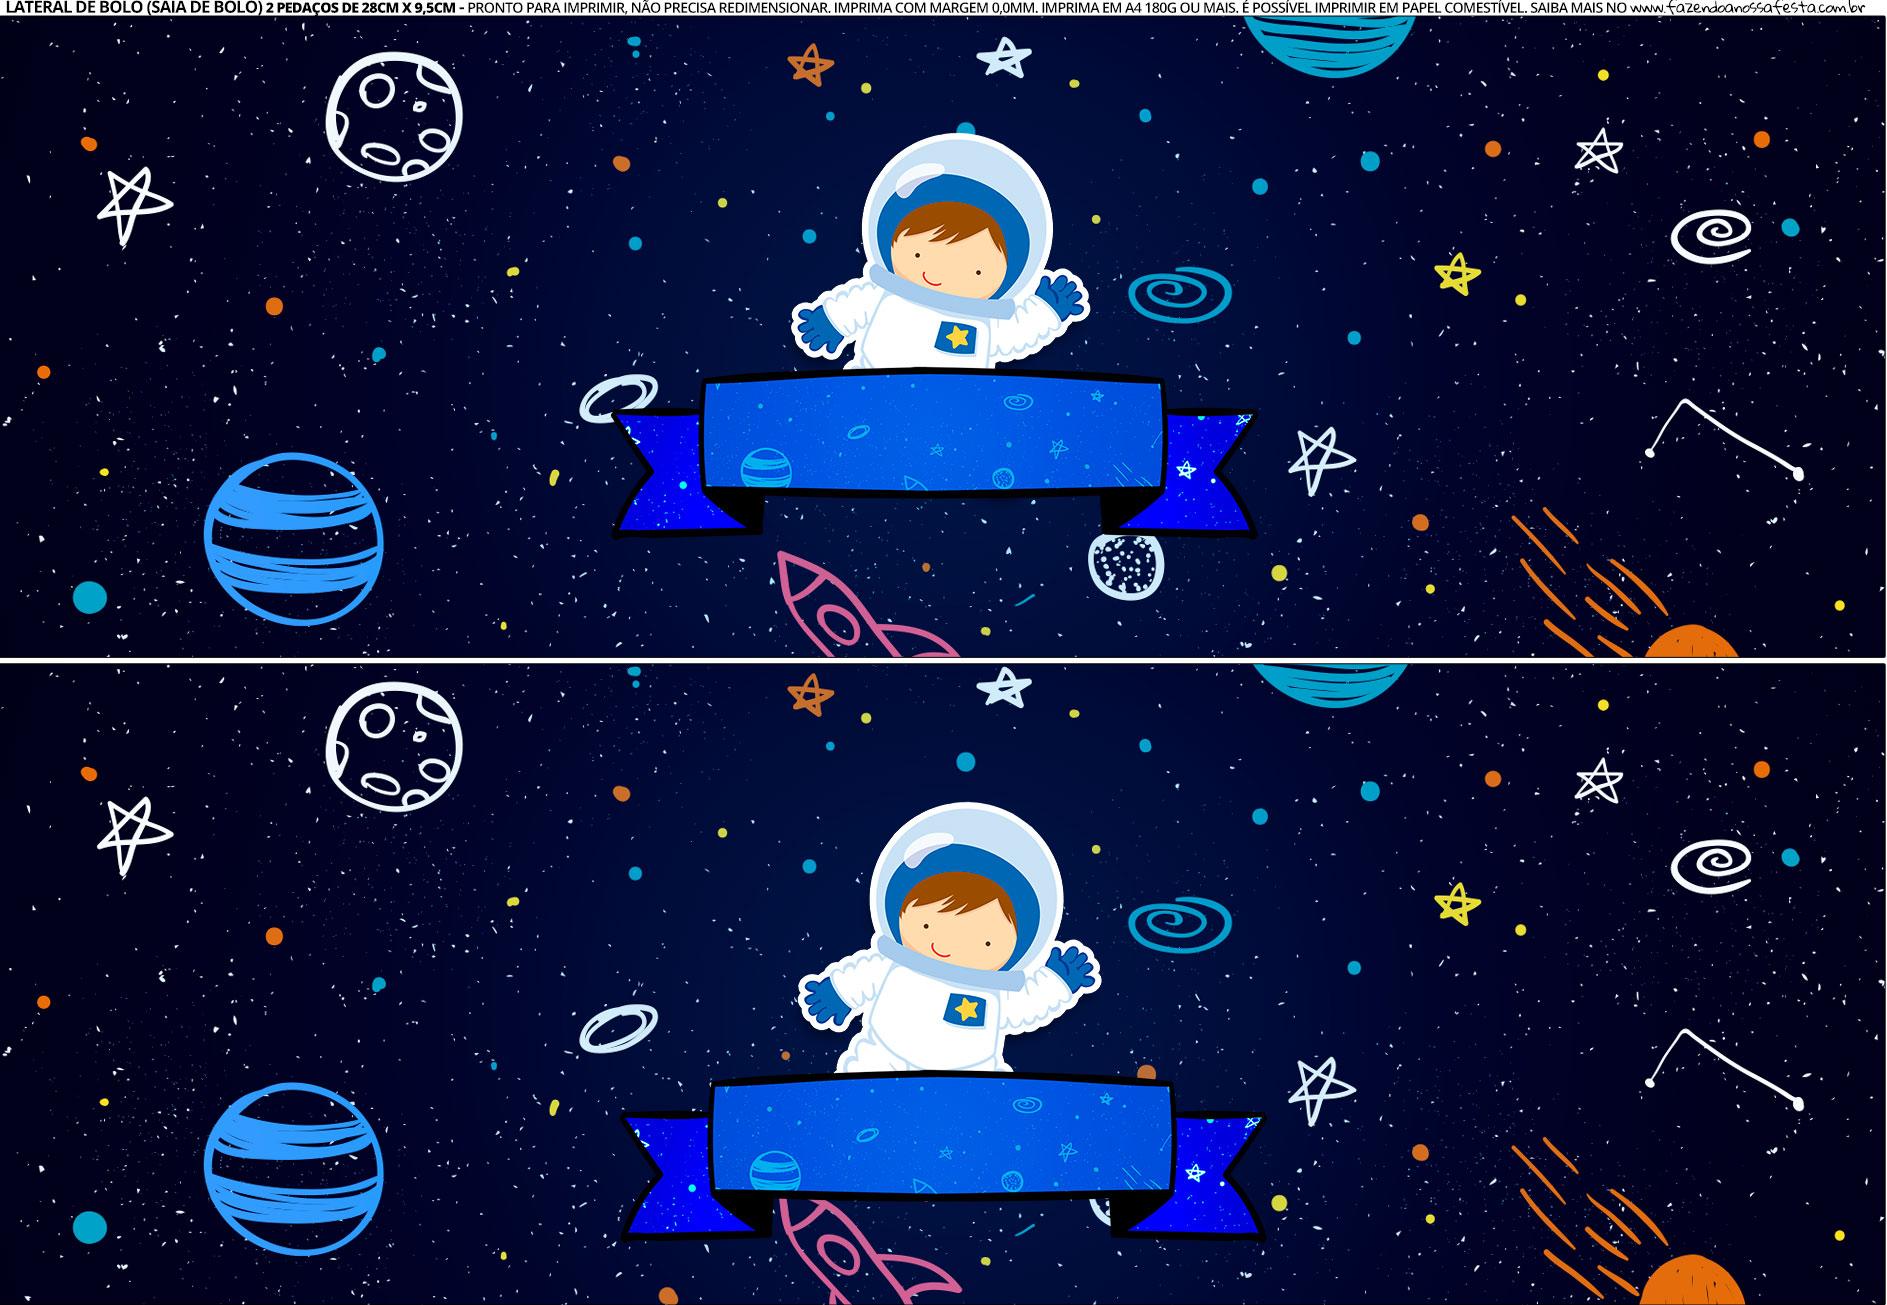 Saia de Bolo Astronauta 3